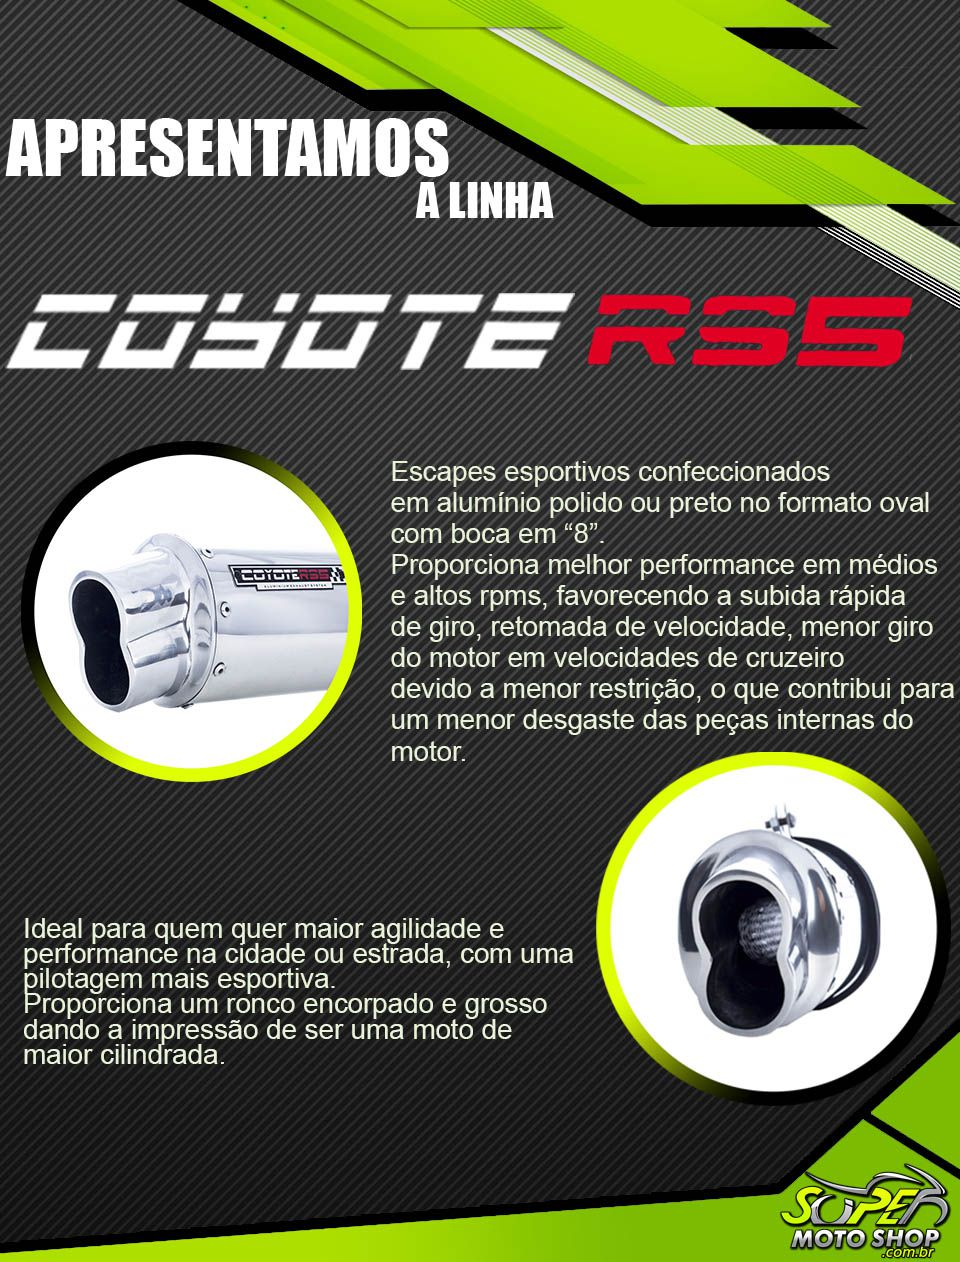 Escape / Ponteira Coyote RS5 Boca 8 Aluminio Oval - NX Falcon 400 até 2005 - Honda